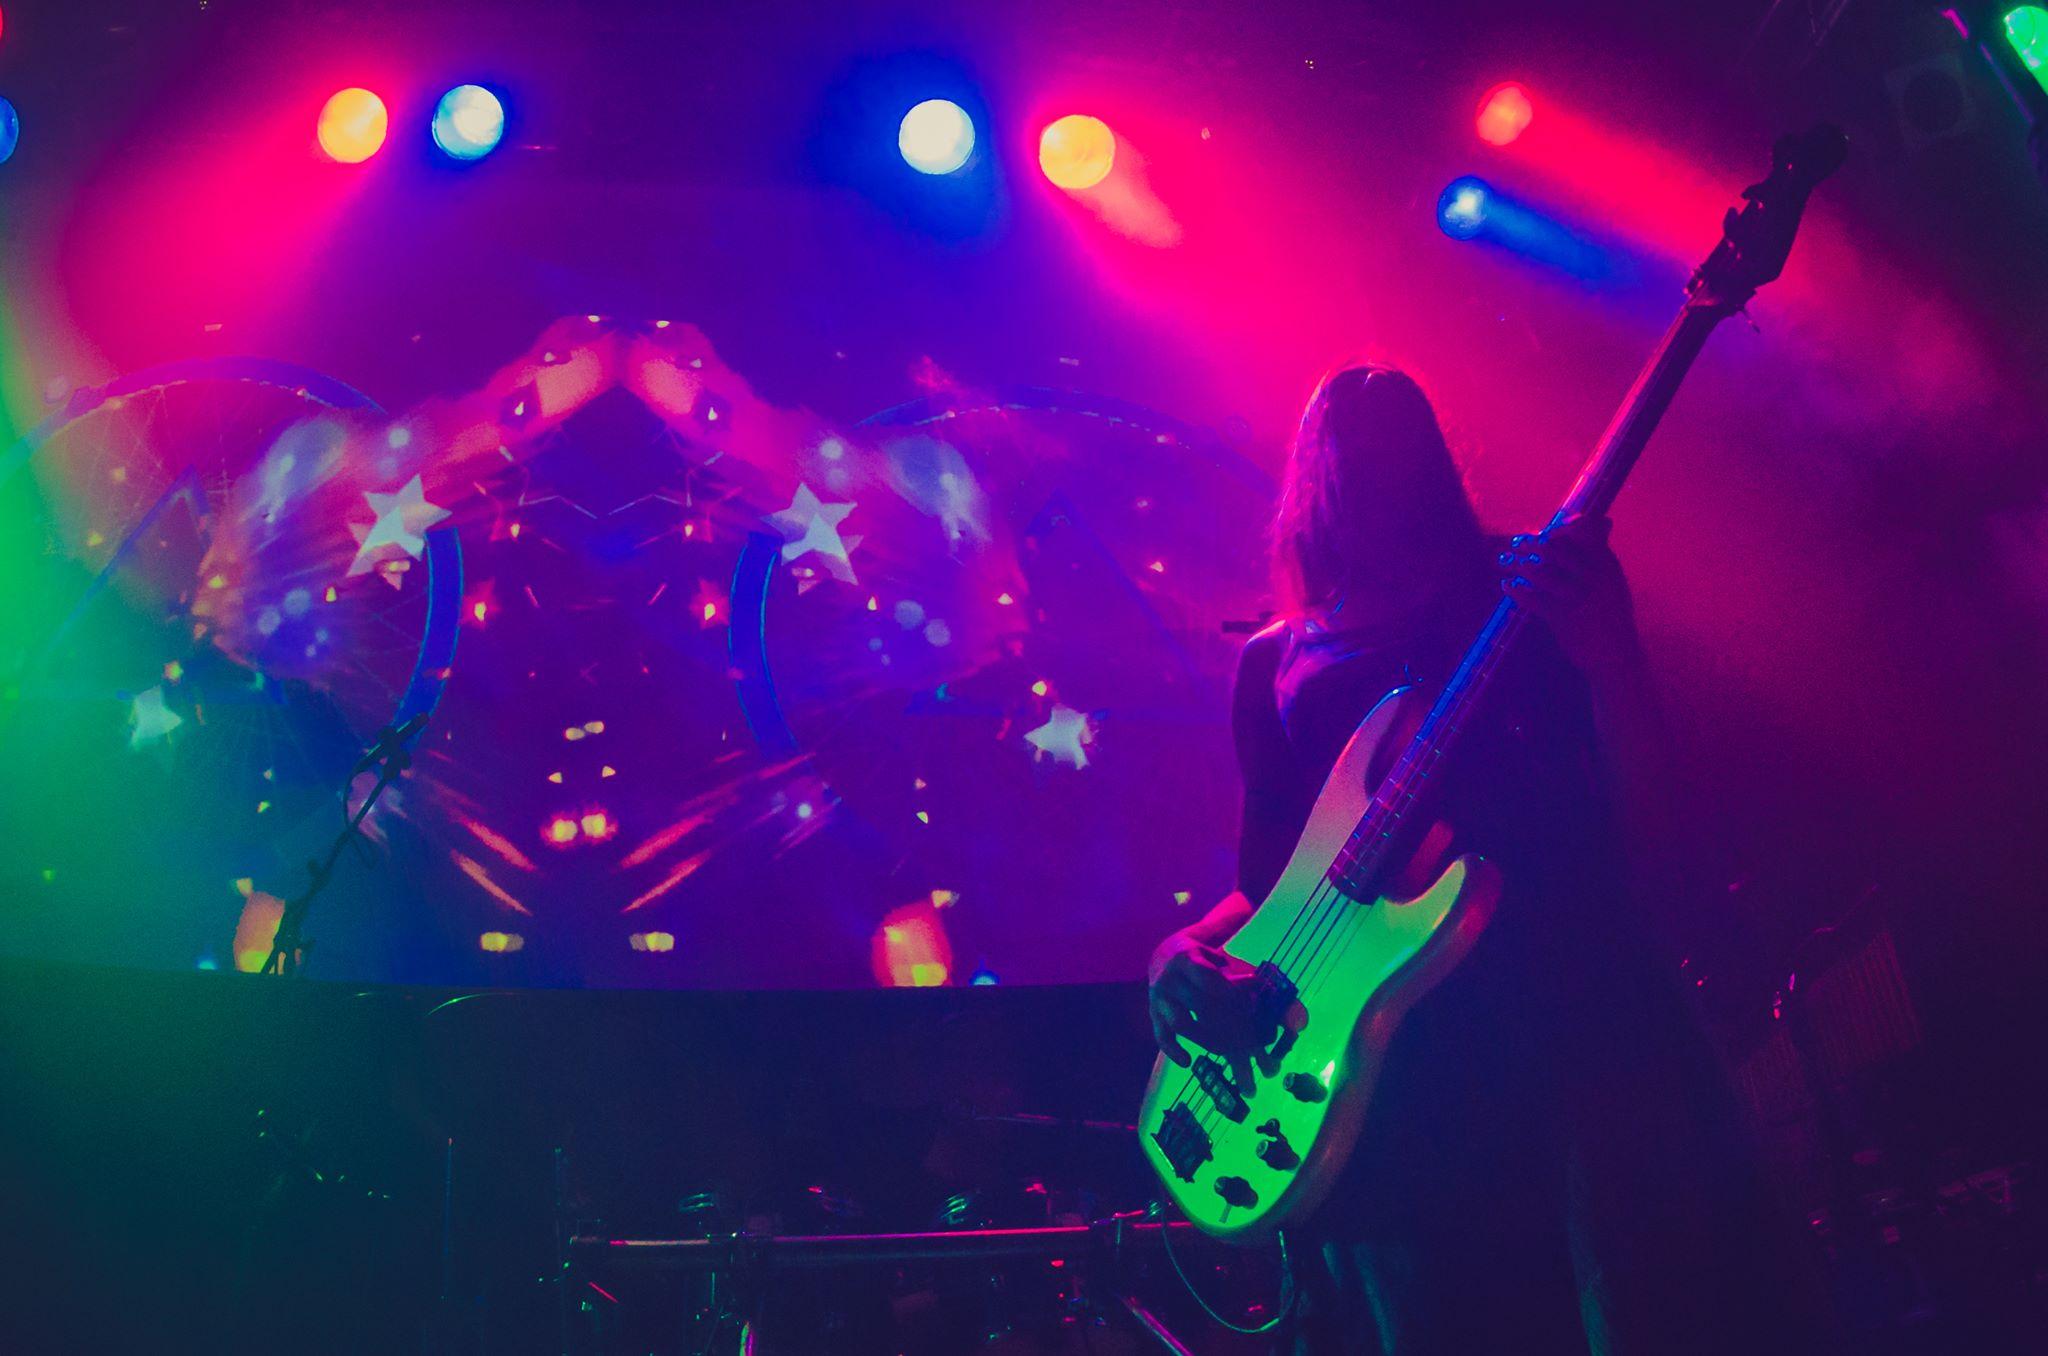 שיר שחלמתי: אלקנה כהן על האלבום החדש של ה-Ozric Tentacles